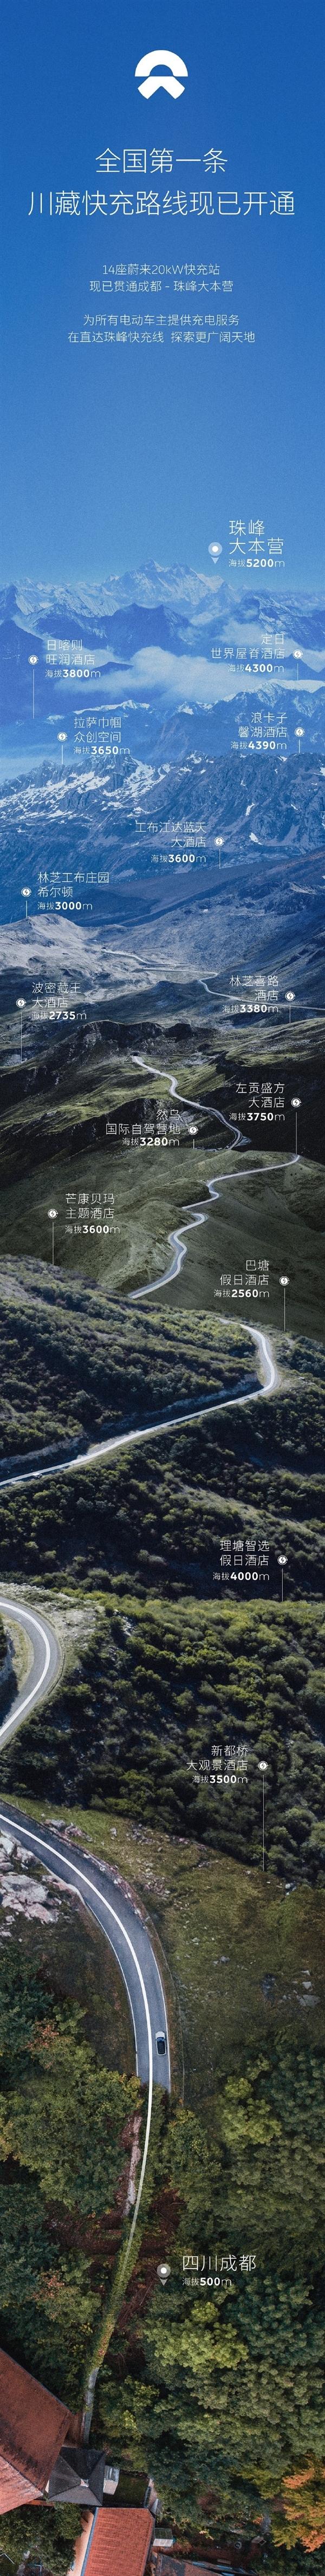 蔚來成功打通全國第一條川藏快充路線:直達海拔5200米珠峰大本營